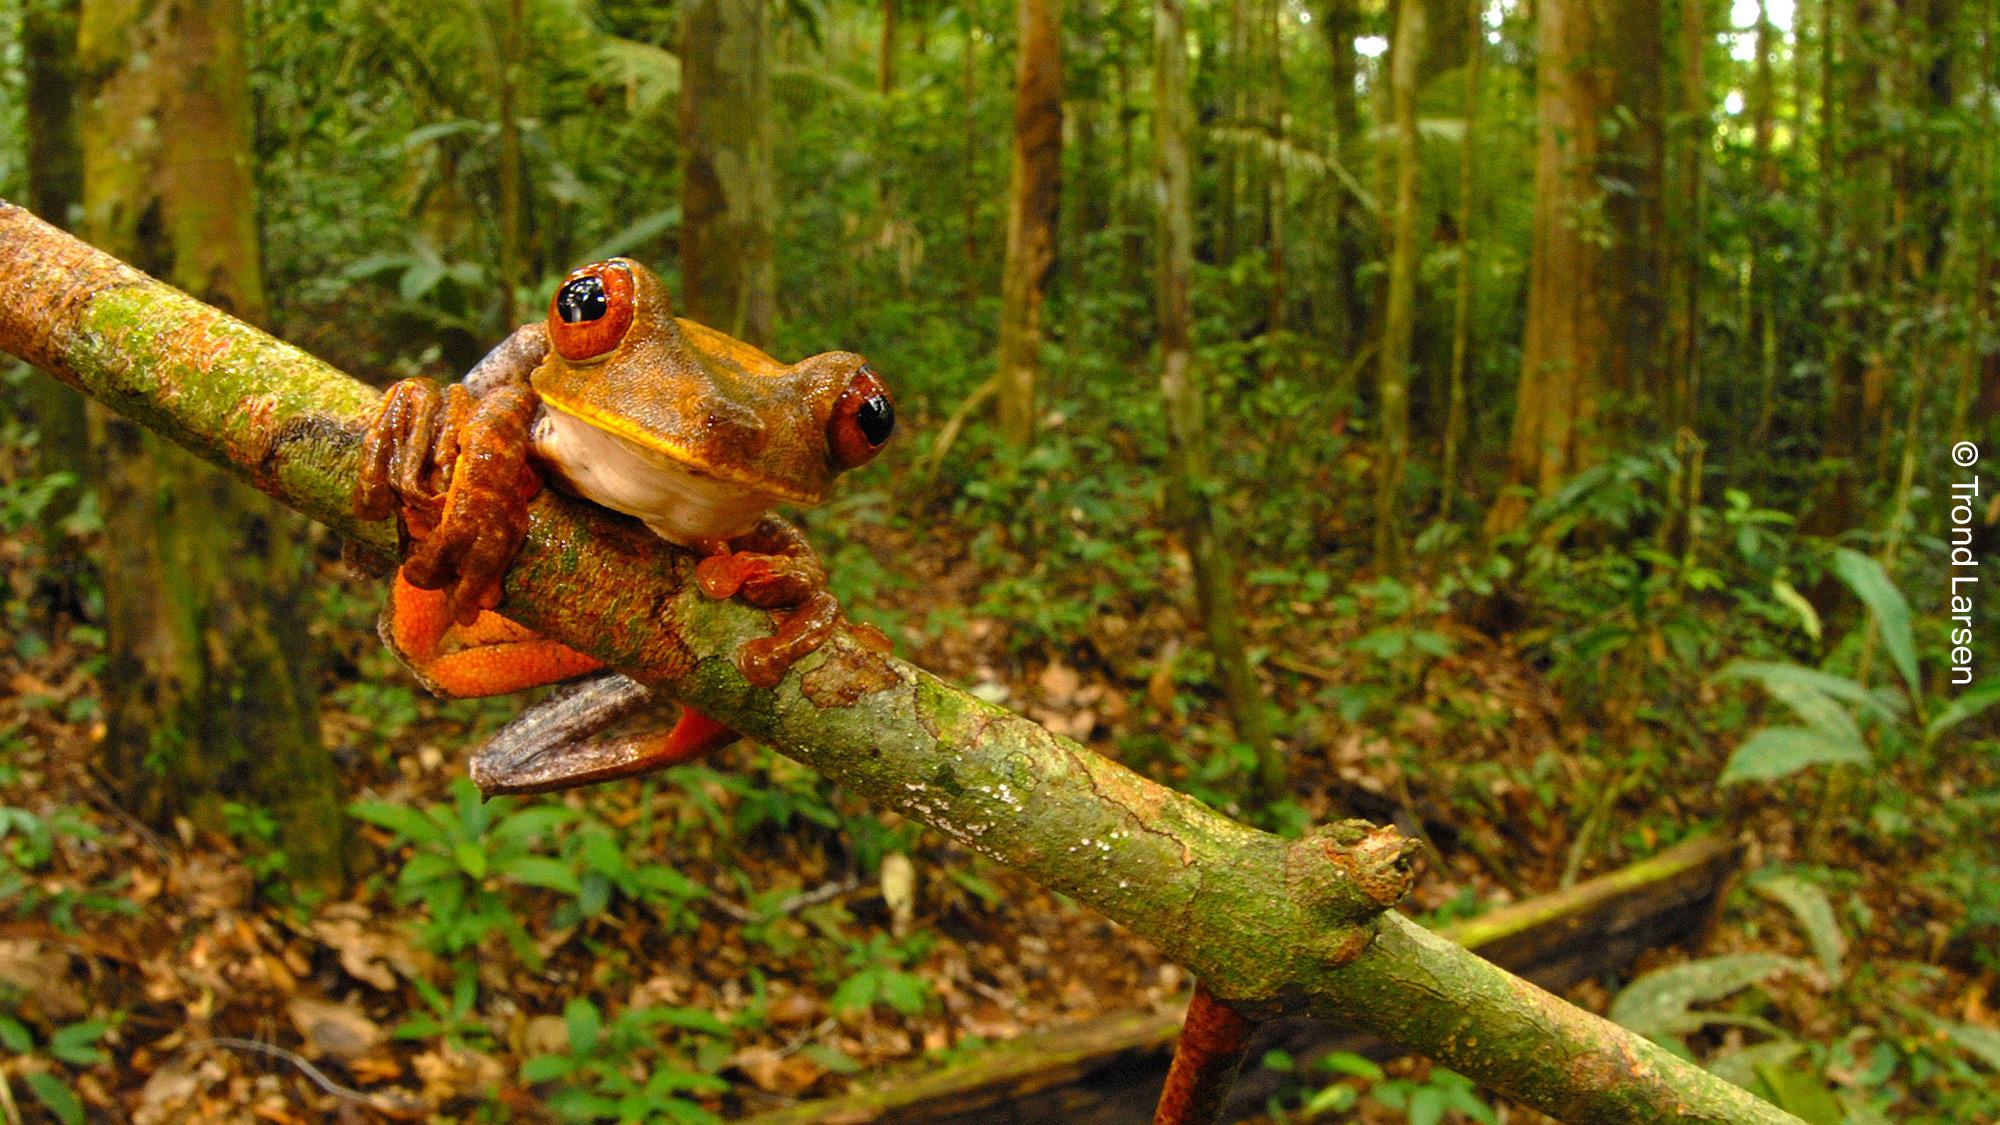 ブラジルアマゾン地域の固有種であるアマガエル